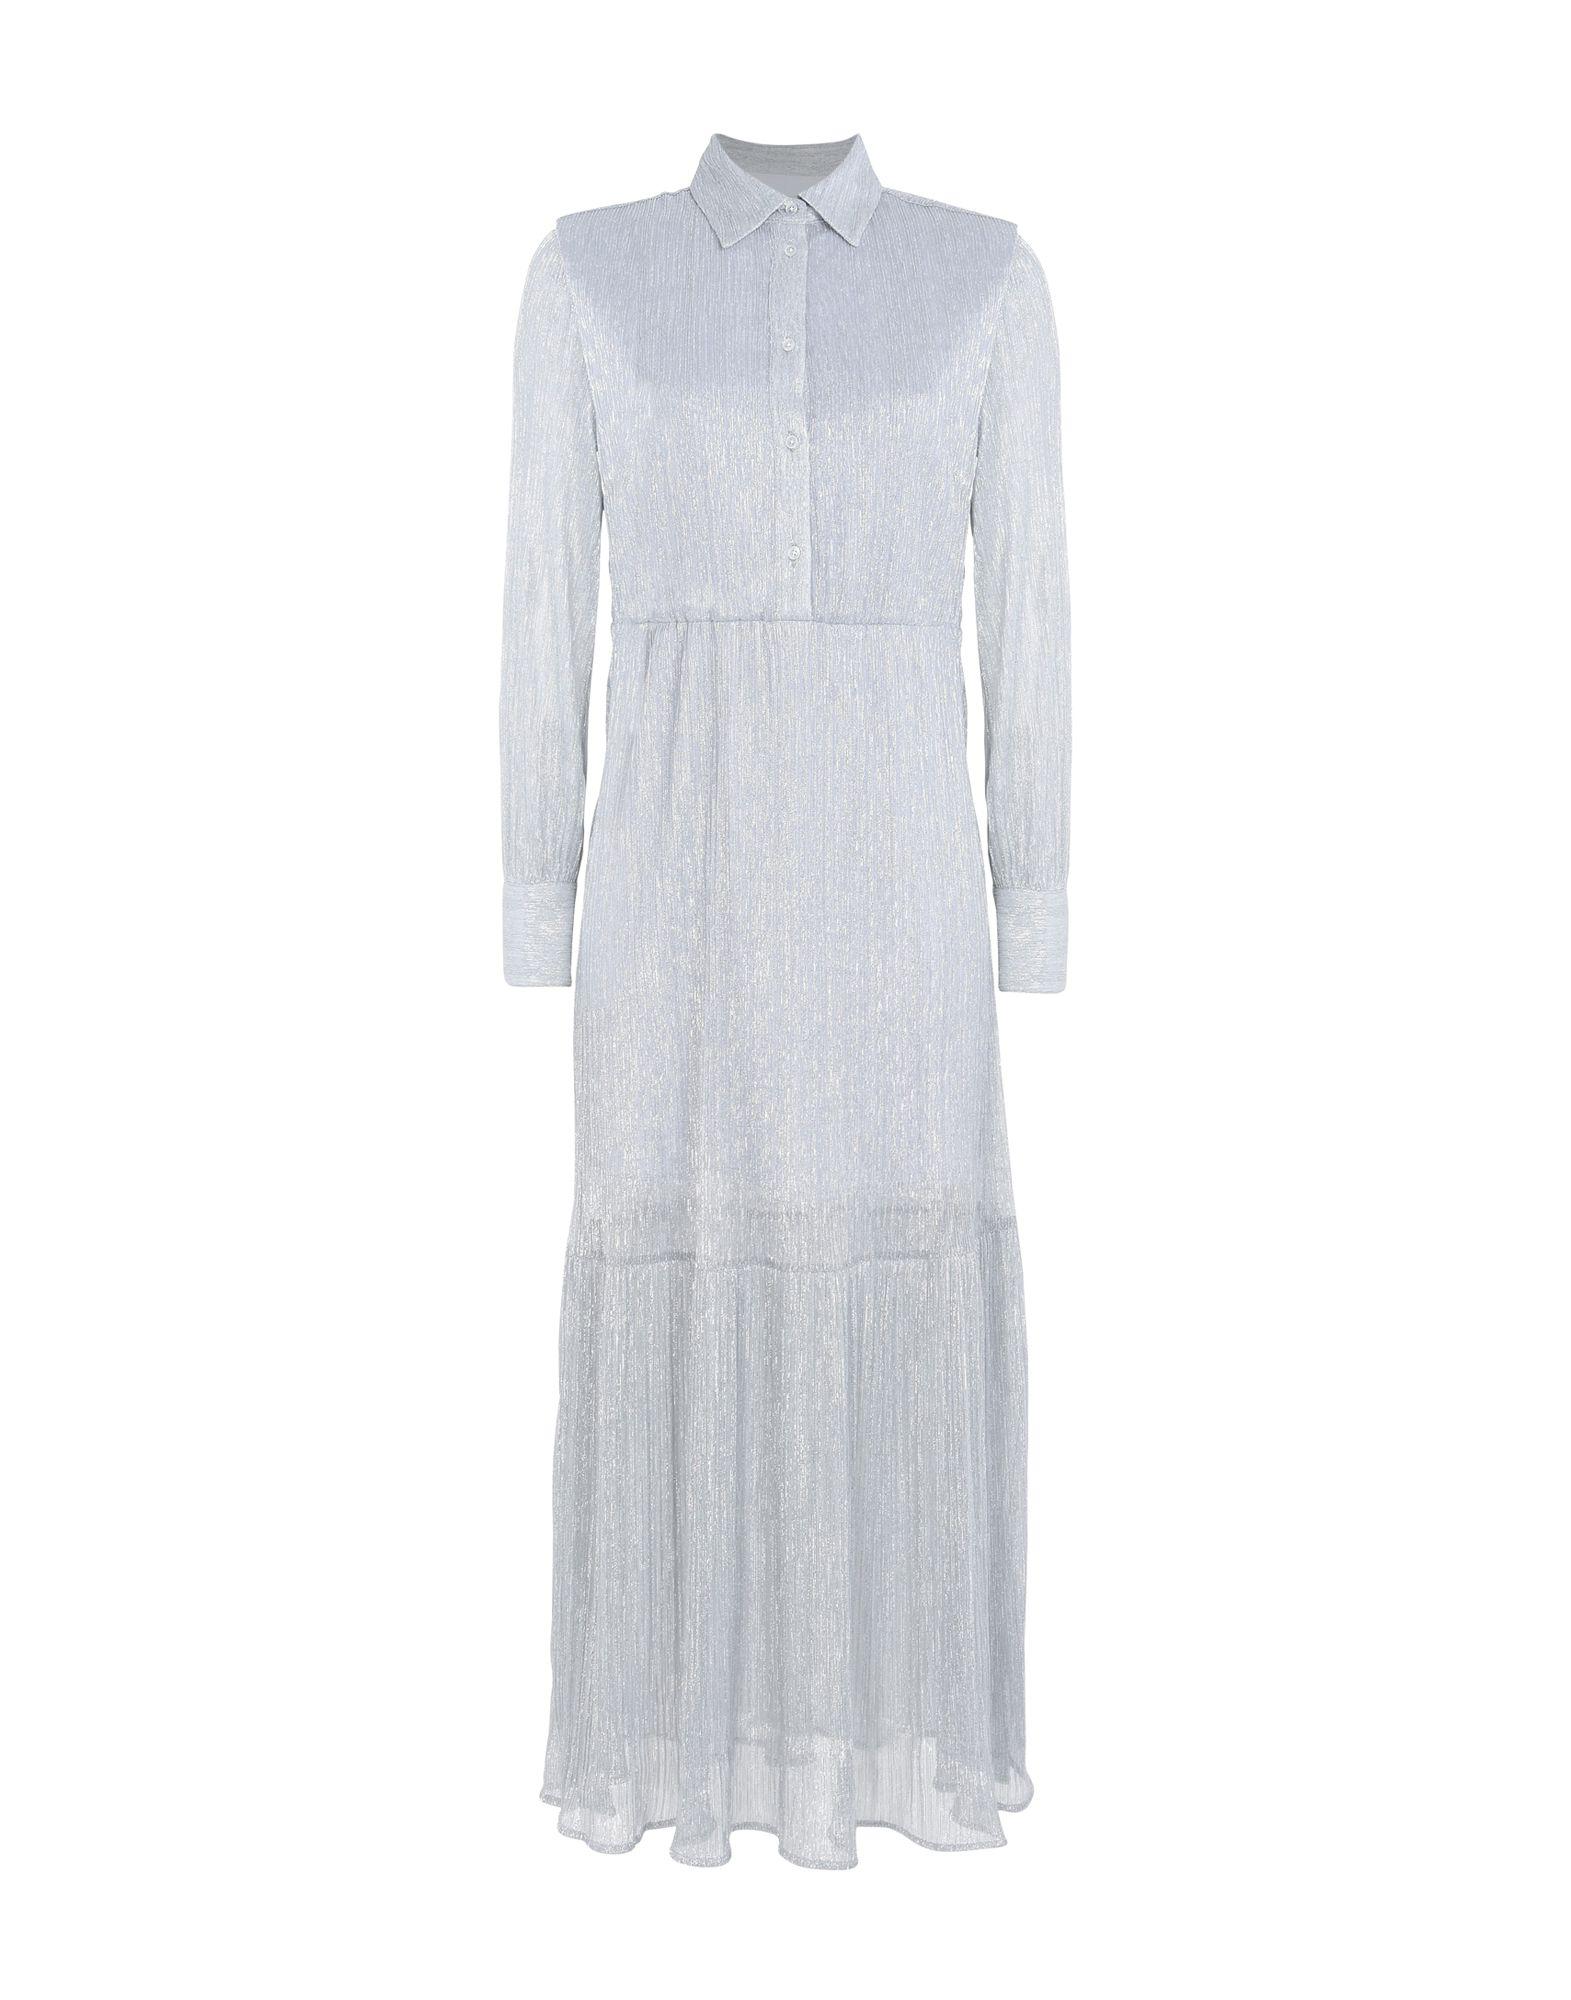 8 Damen Langes Kleid Farbe Hellgrau Größe 3 jetztbilligerkaufen